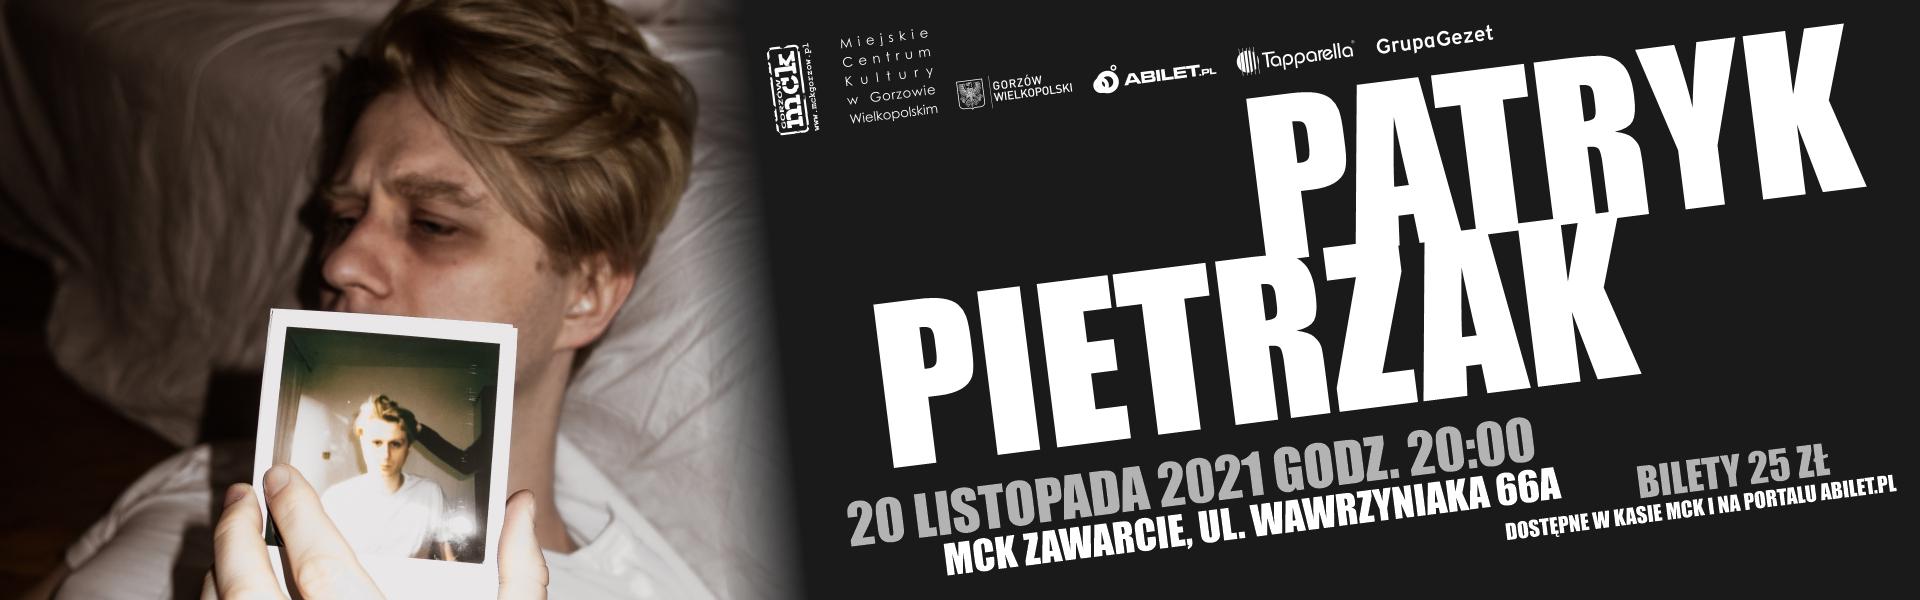 Grafika Patryk Pietrzak- koncert w MCK Zawarcie